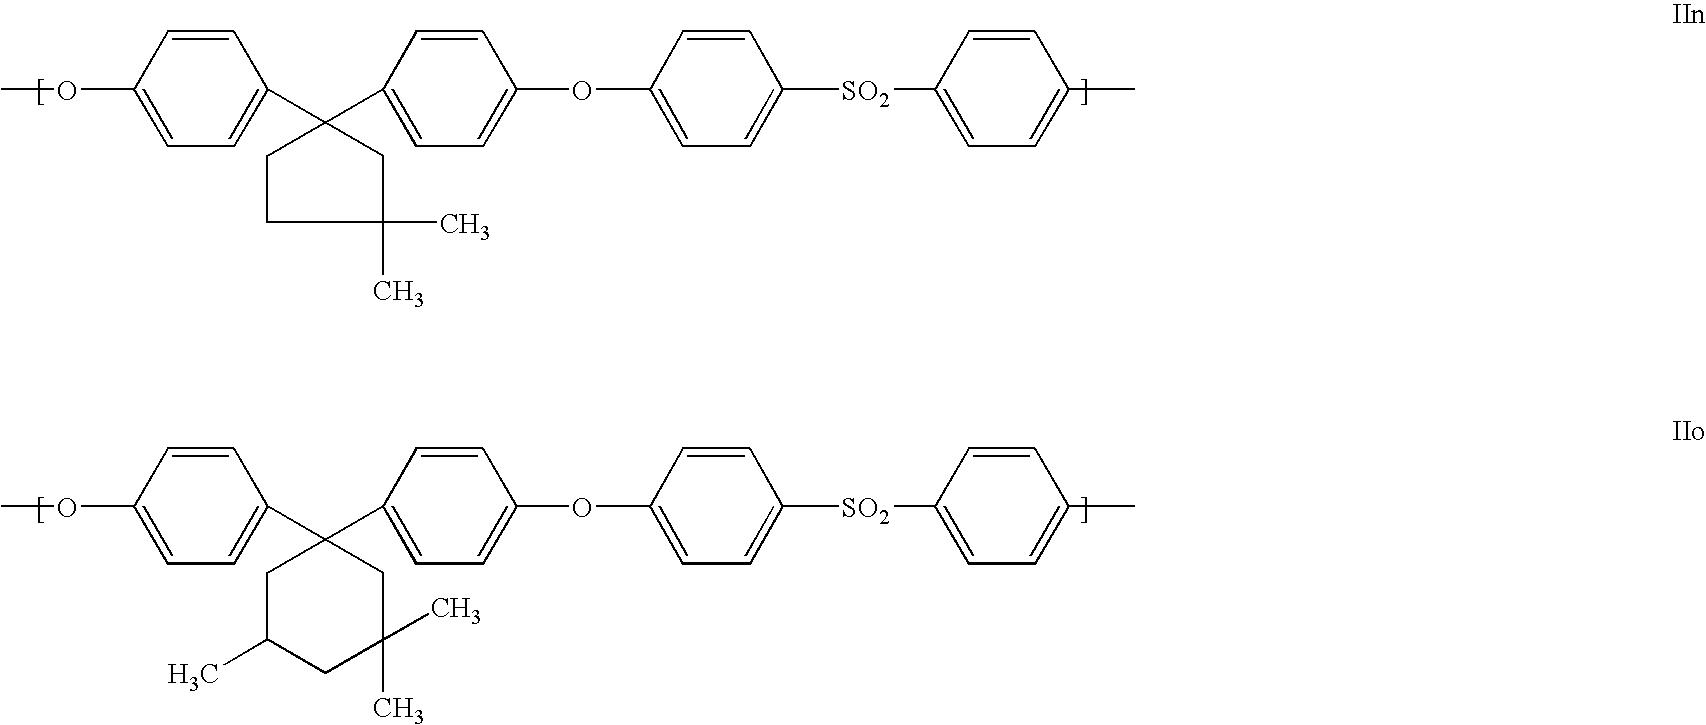 Figure US20060155097A1-20060713-C00006